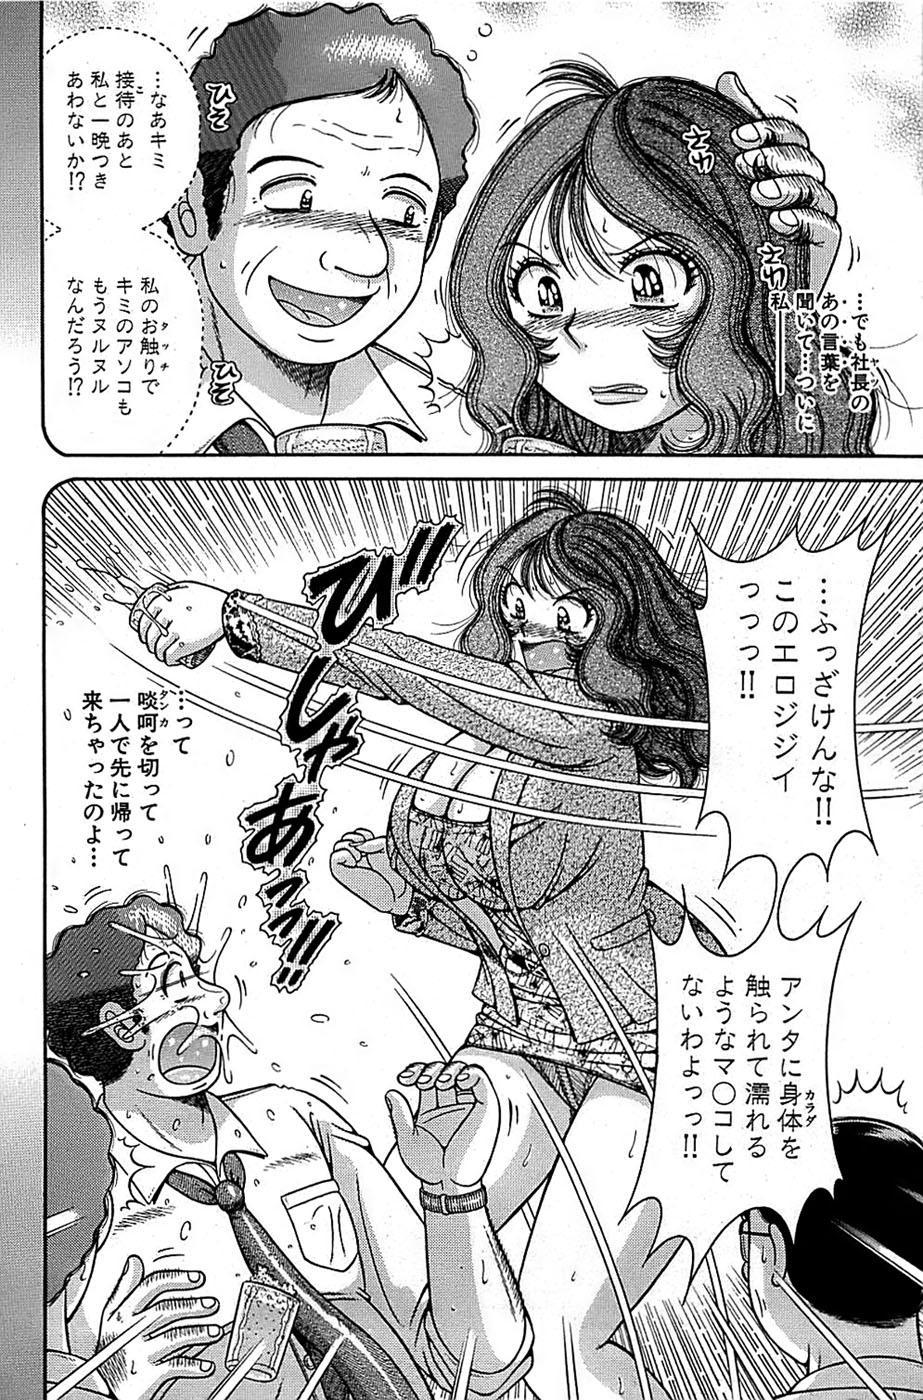 Comic Bazooka 2007-11 155